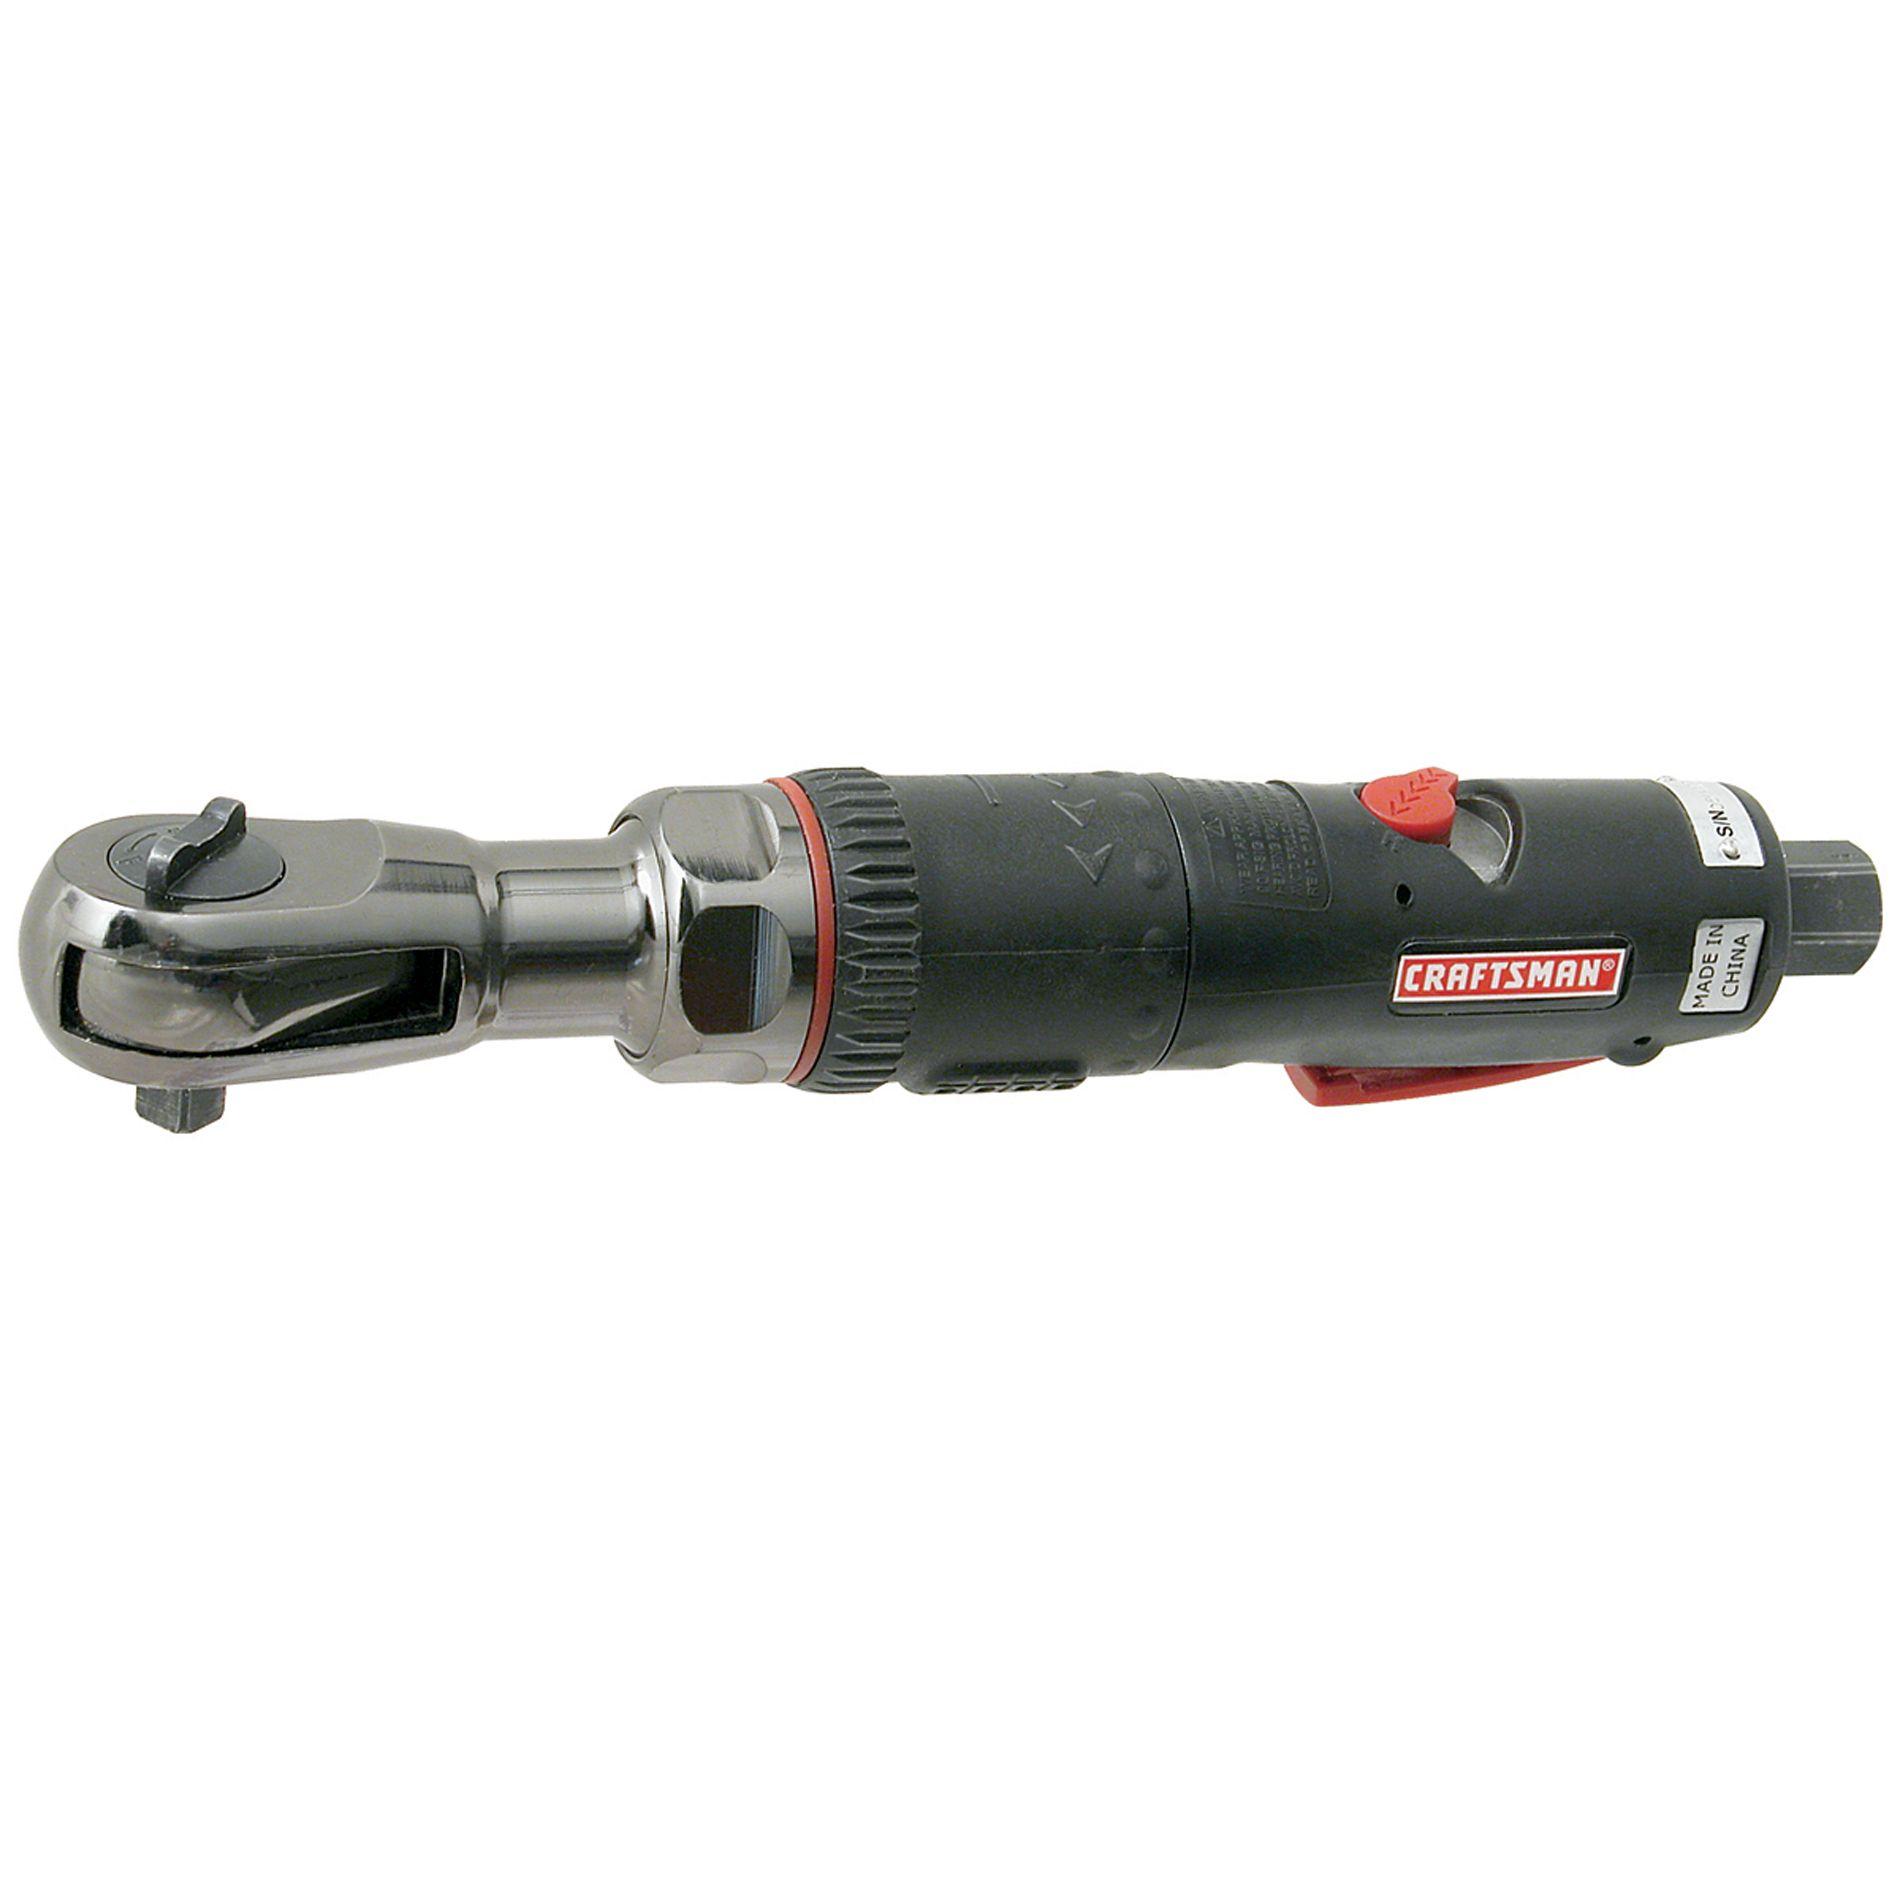 Craftsman 3/8 in. Ratchet Wrench PartNumber: 00919933000P KsnValue: 00919933000 MfgPartNumber: 19933